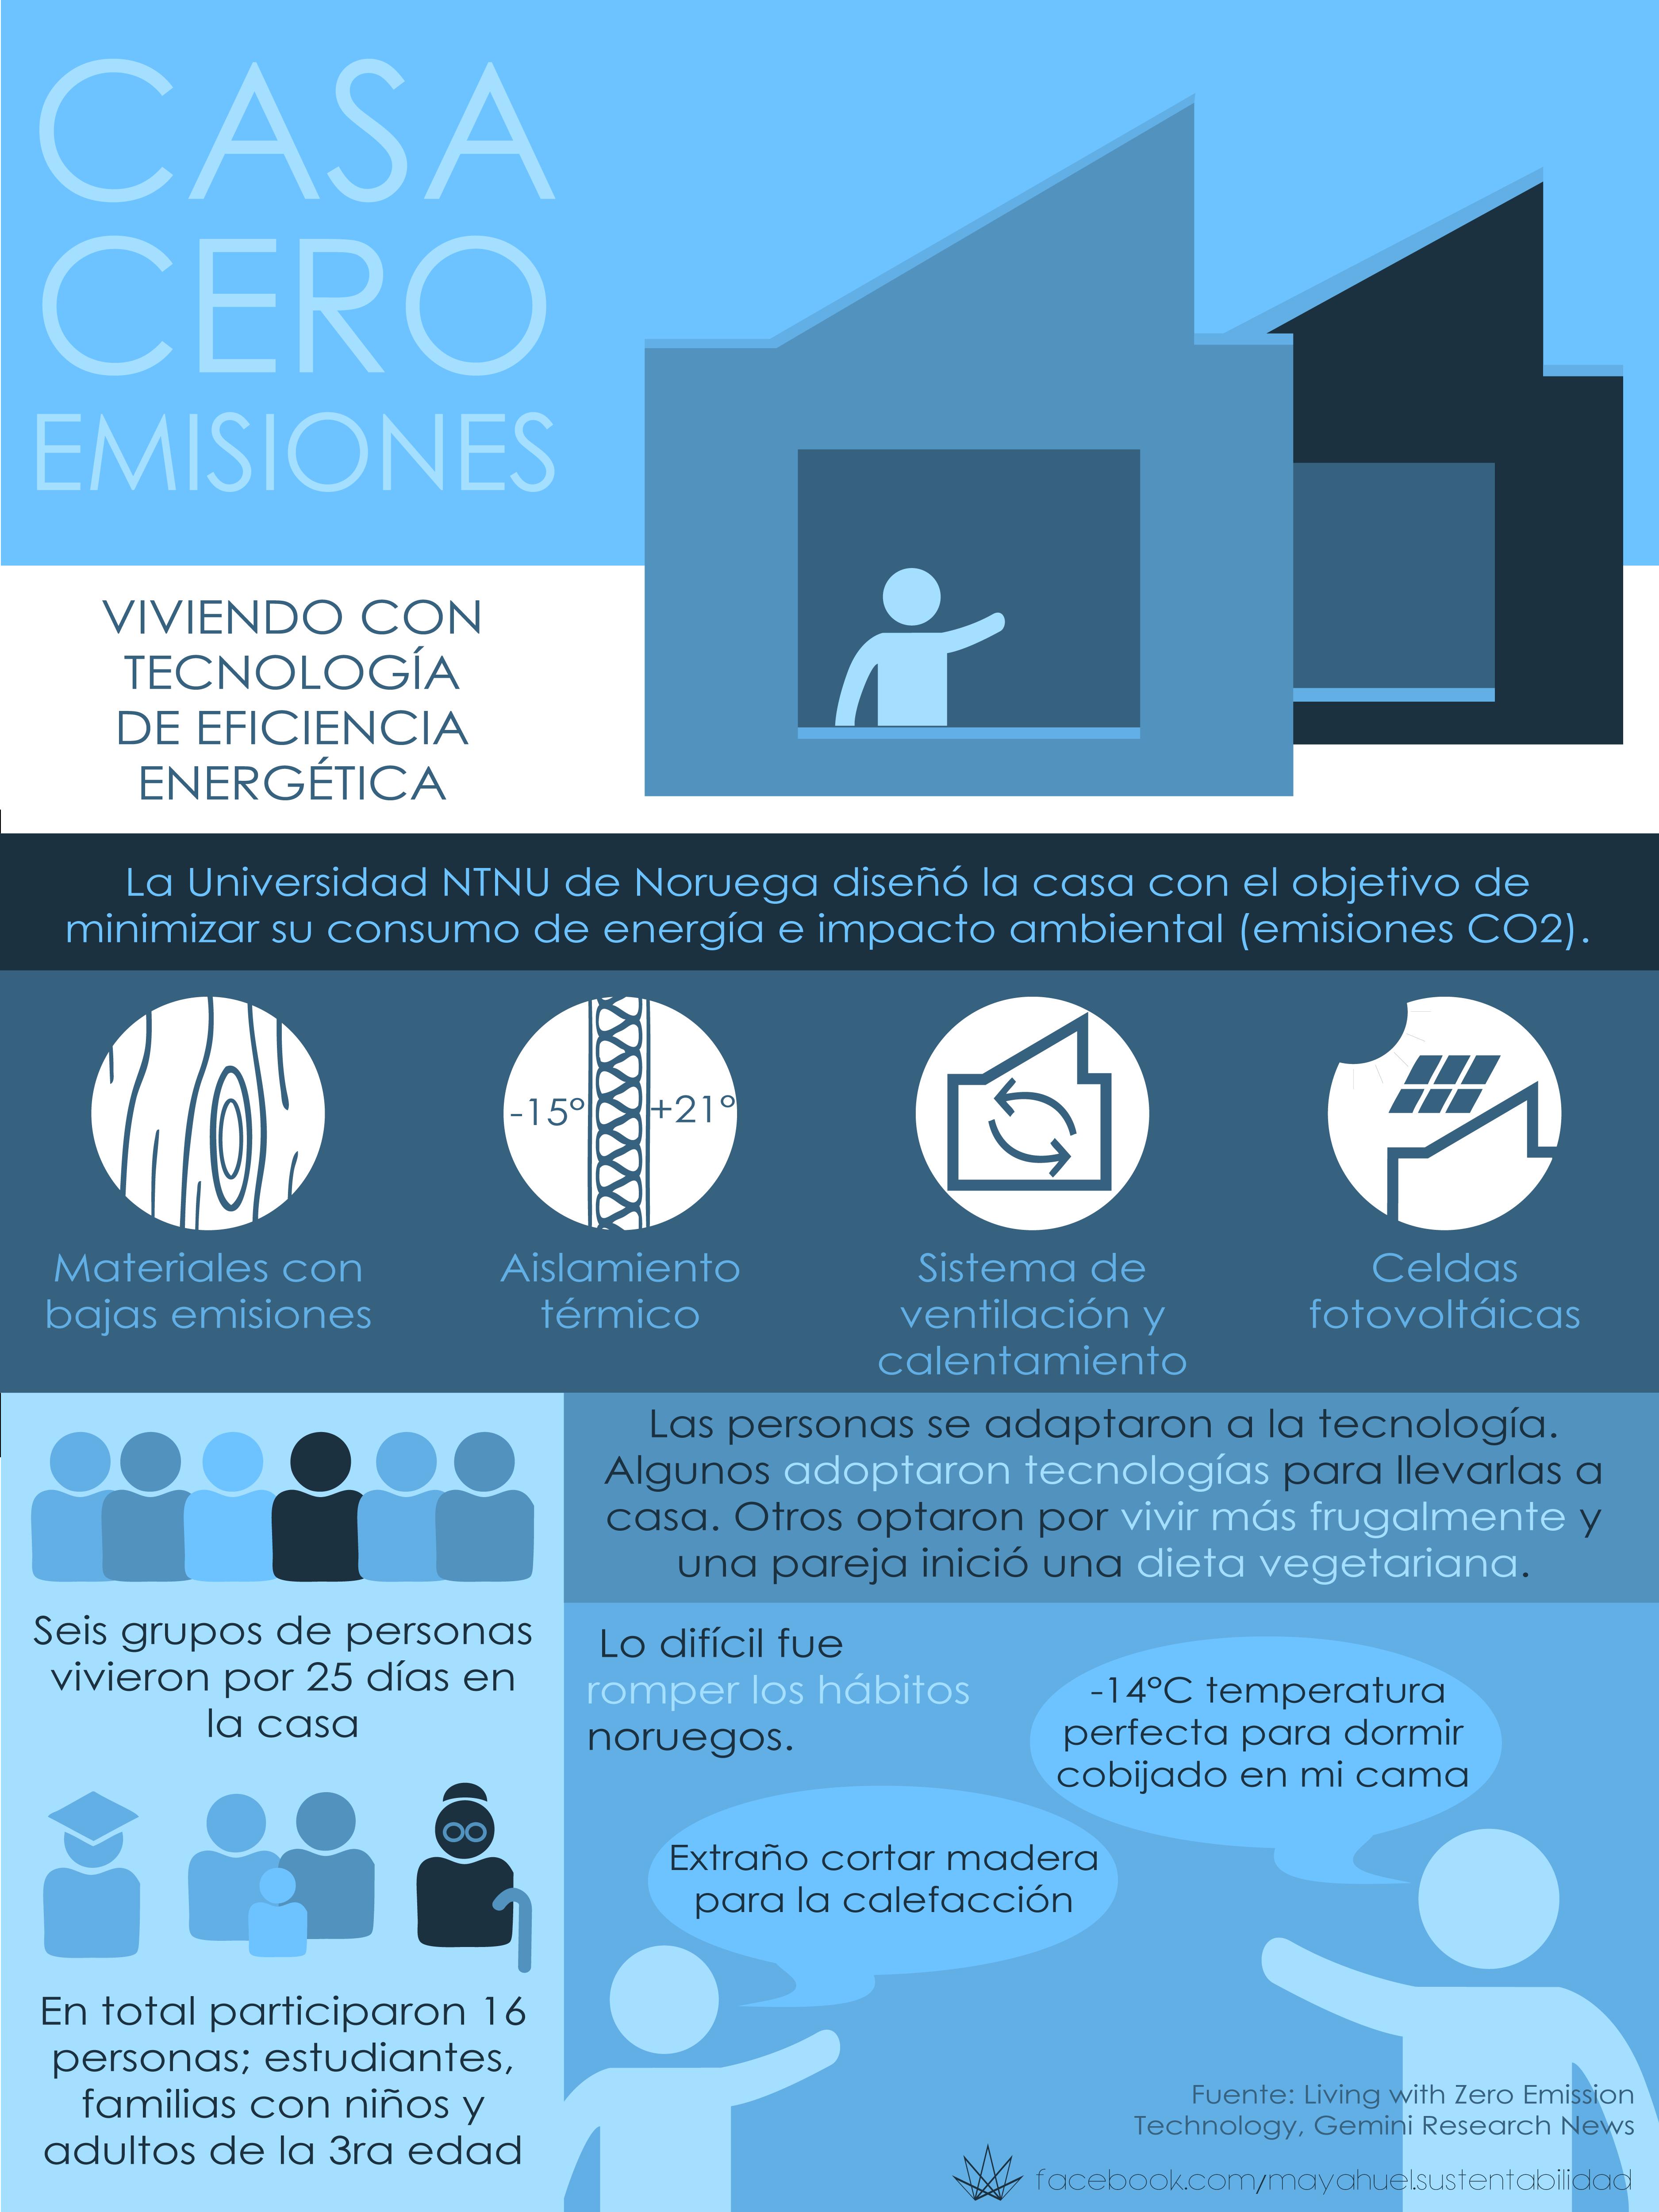 Casa cero emisiones NTNU. Edificios sustentables